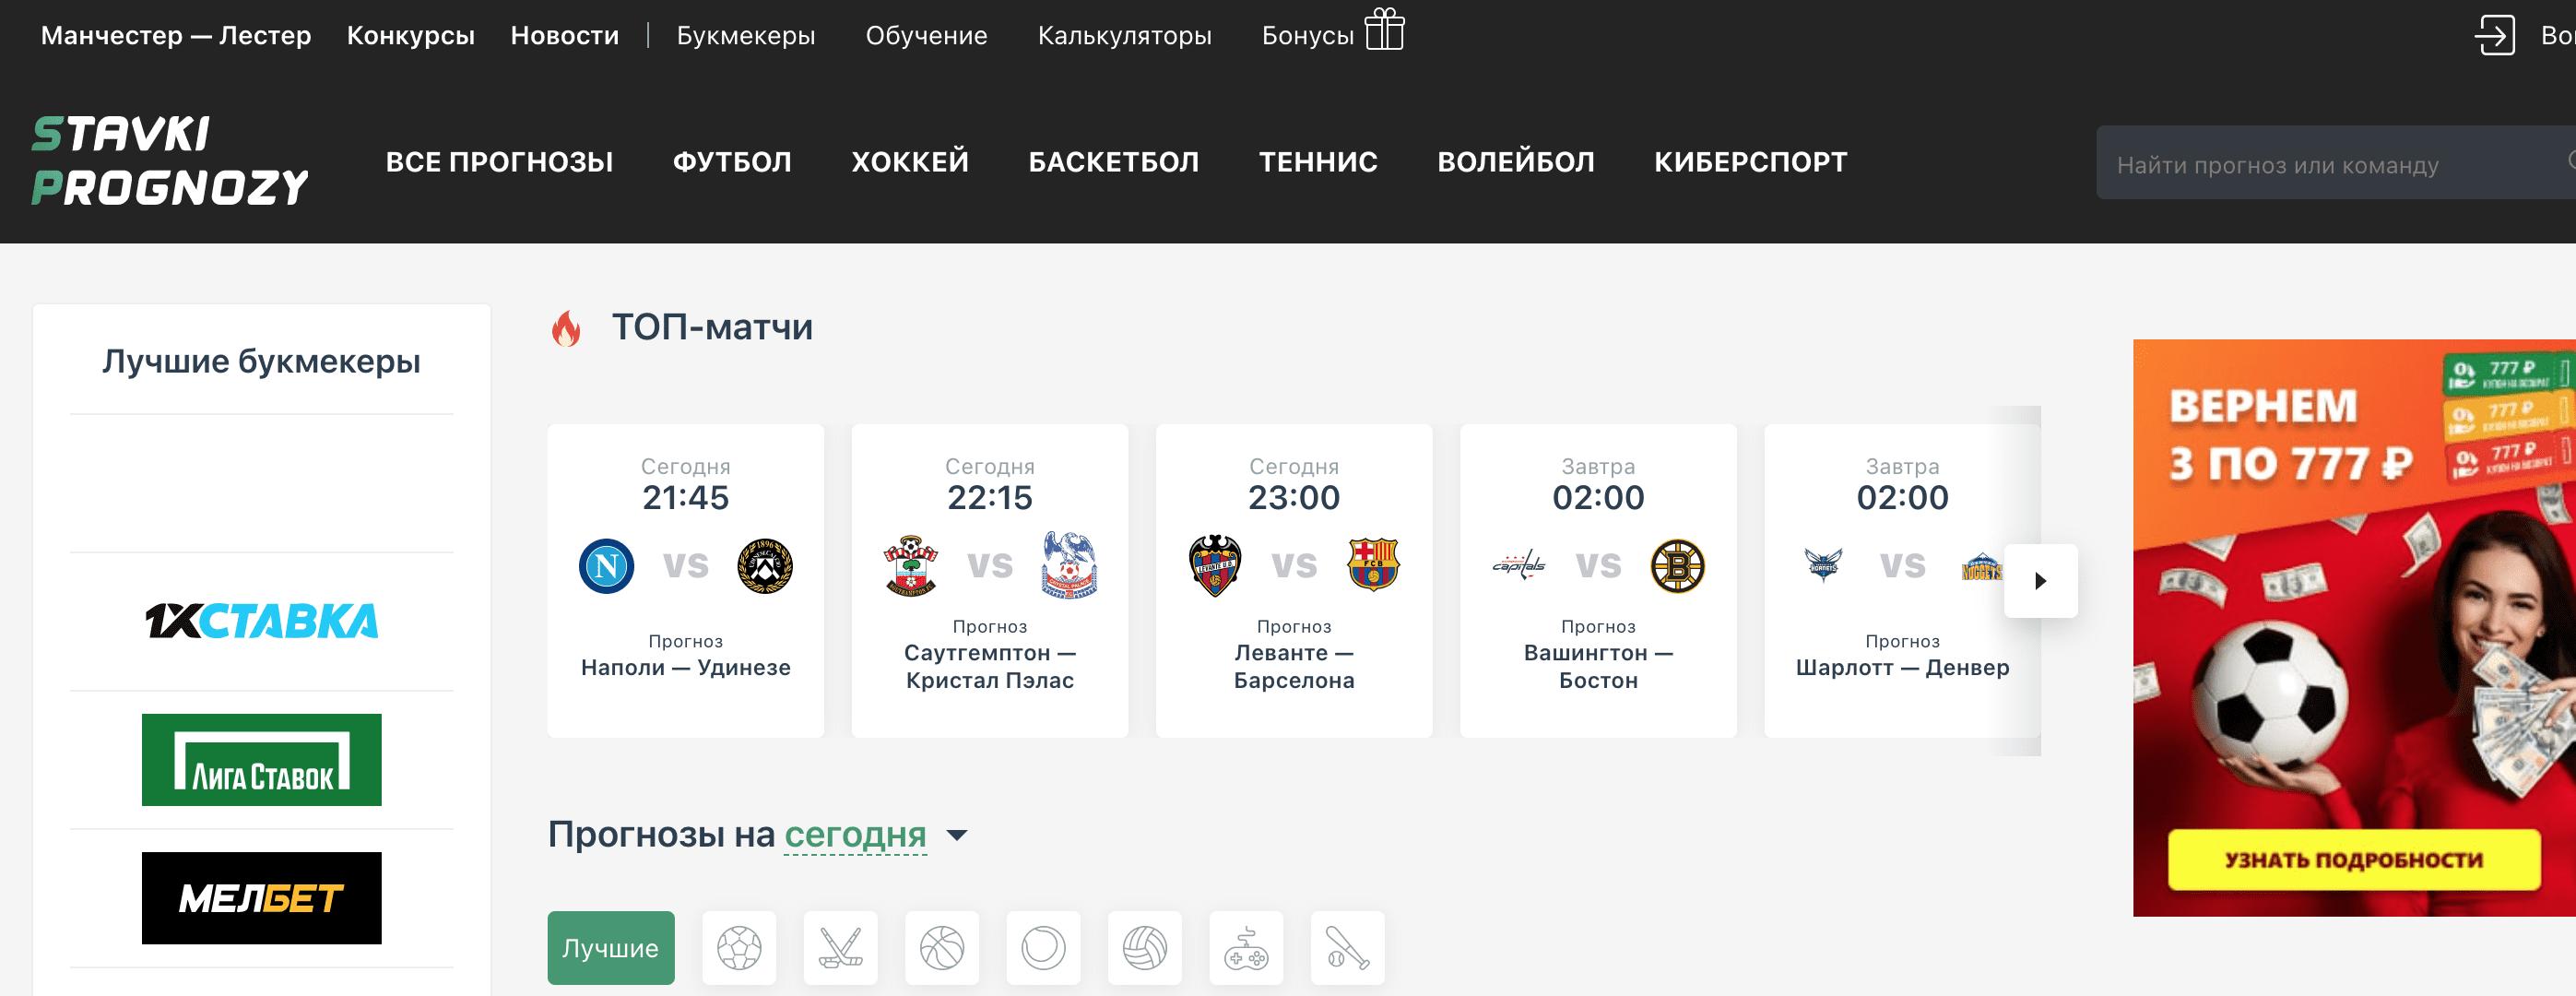 Главная страница сайта Cтавкипрогнозы.ру(StavkiPrognozy.ru)